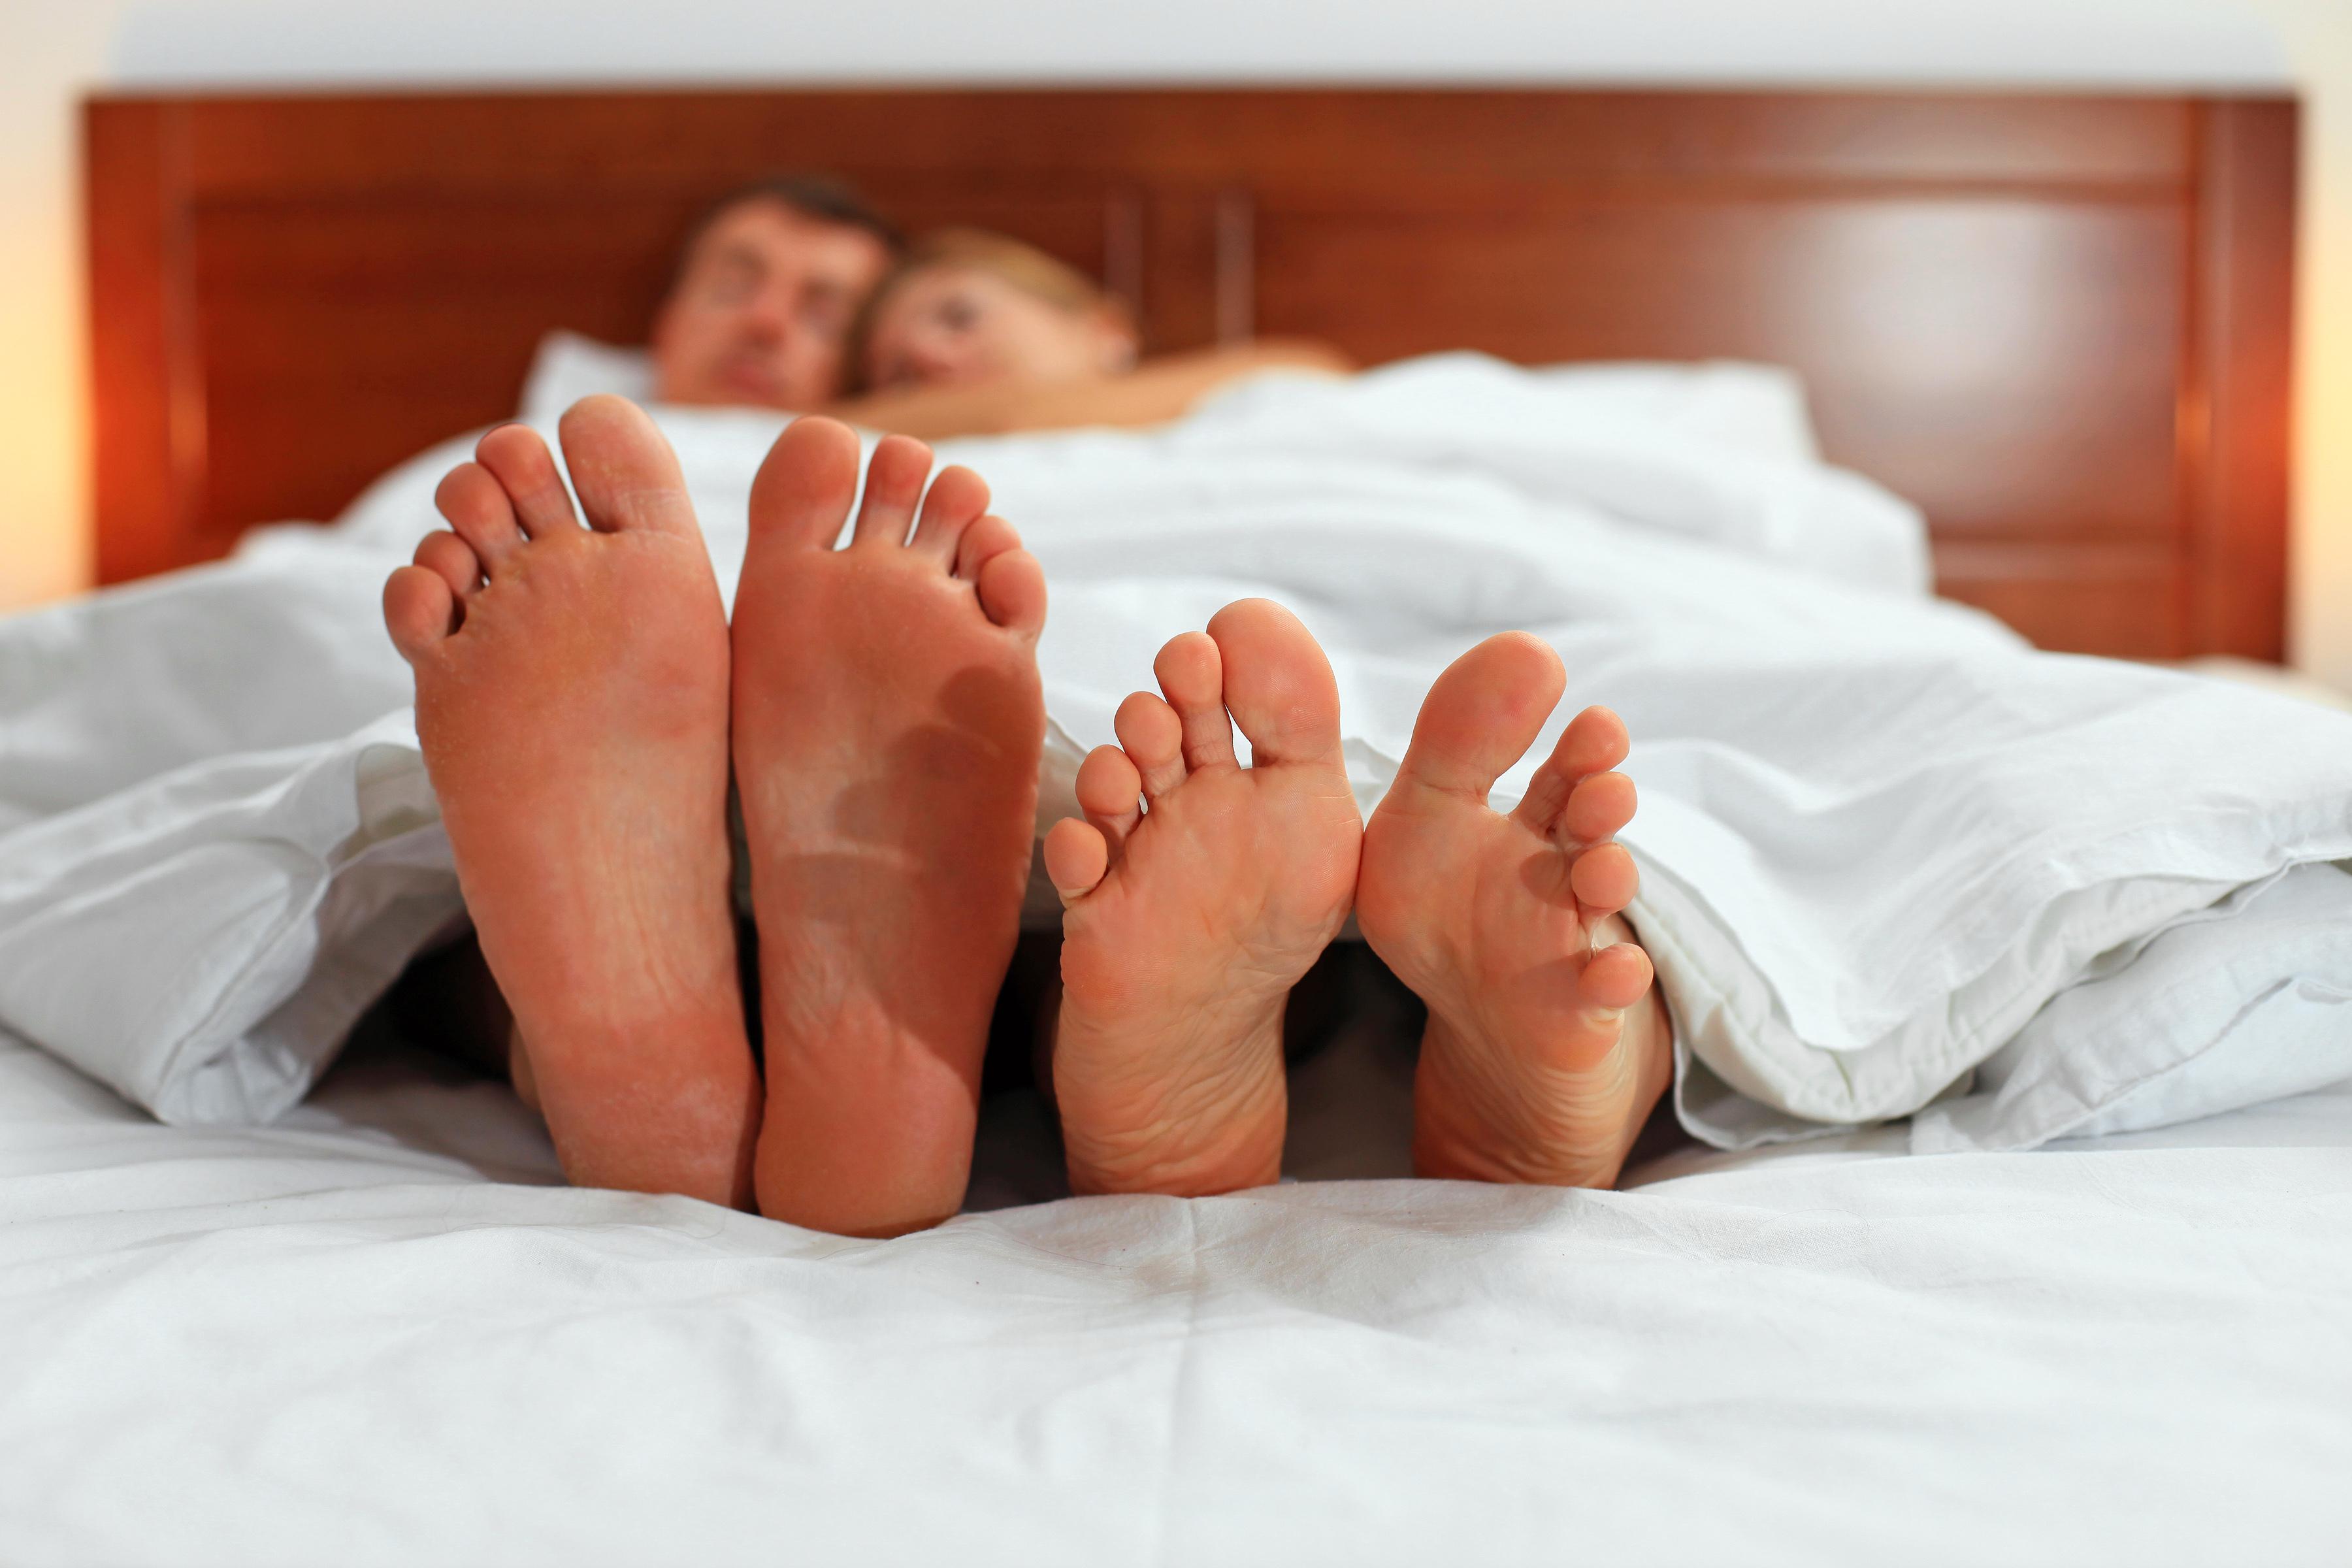 sunn livsstil sovn dette er den perfekte temperaturen pa soverommet